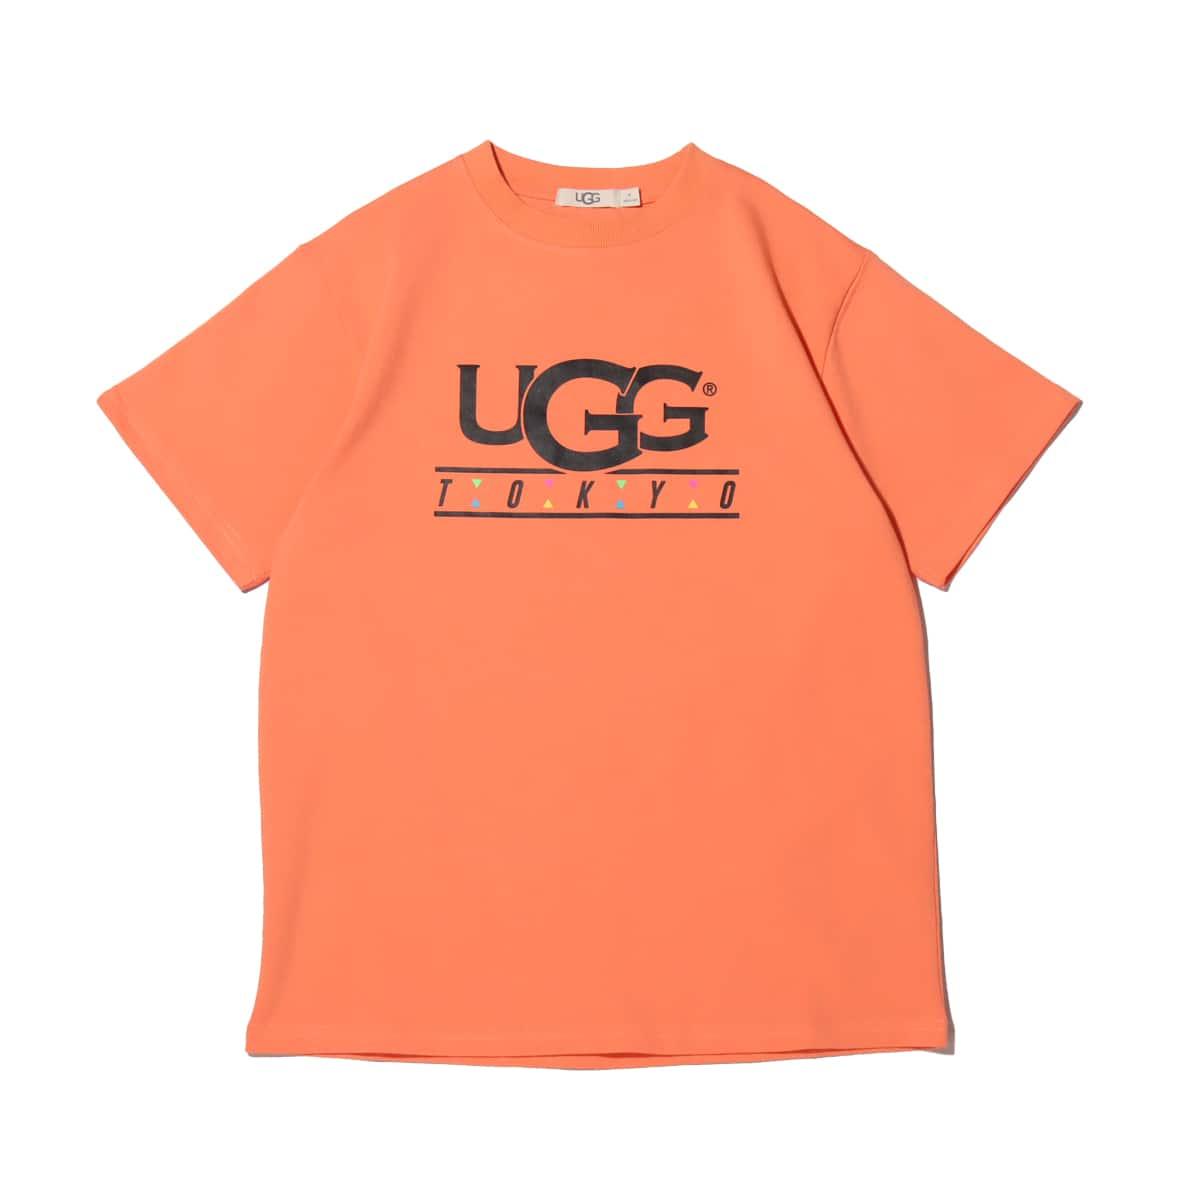 UGG TOKYO トライアングルTシャツ ORANGE 21SS-I_photo_large